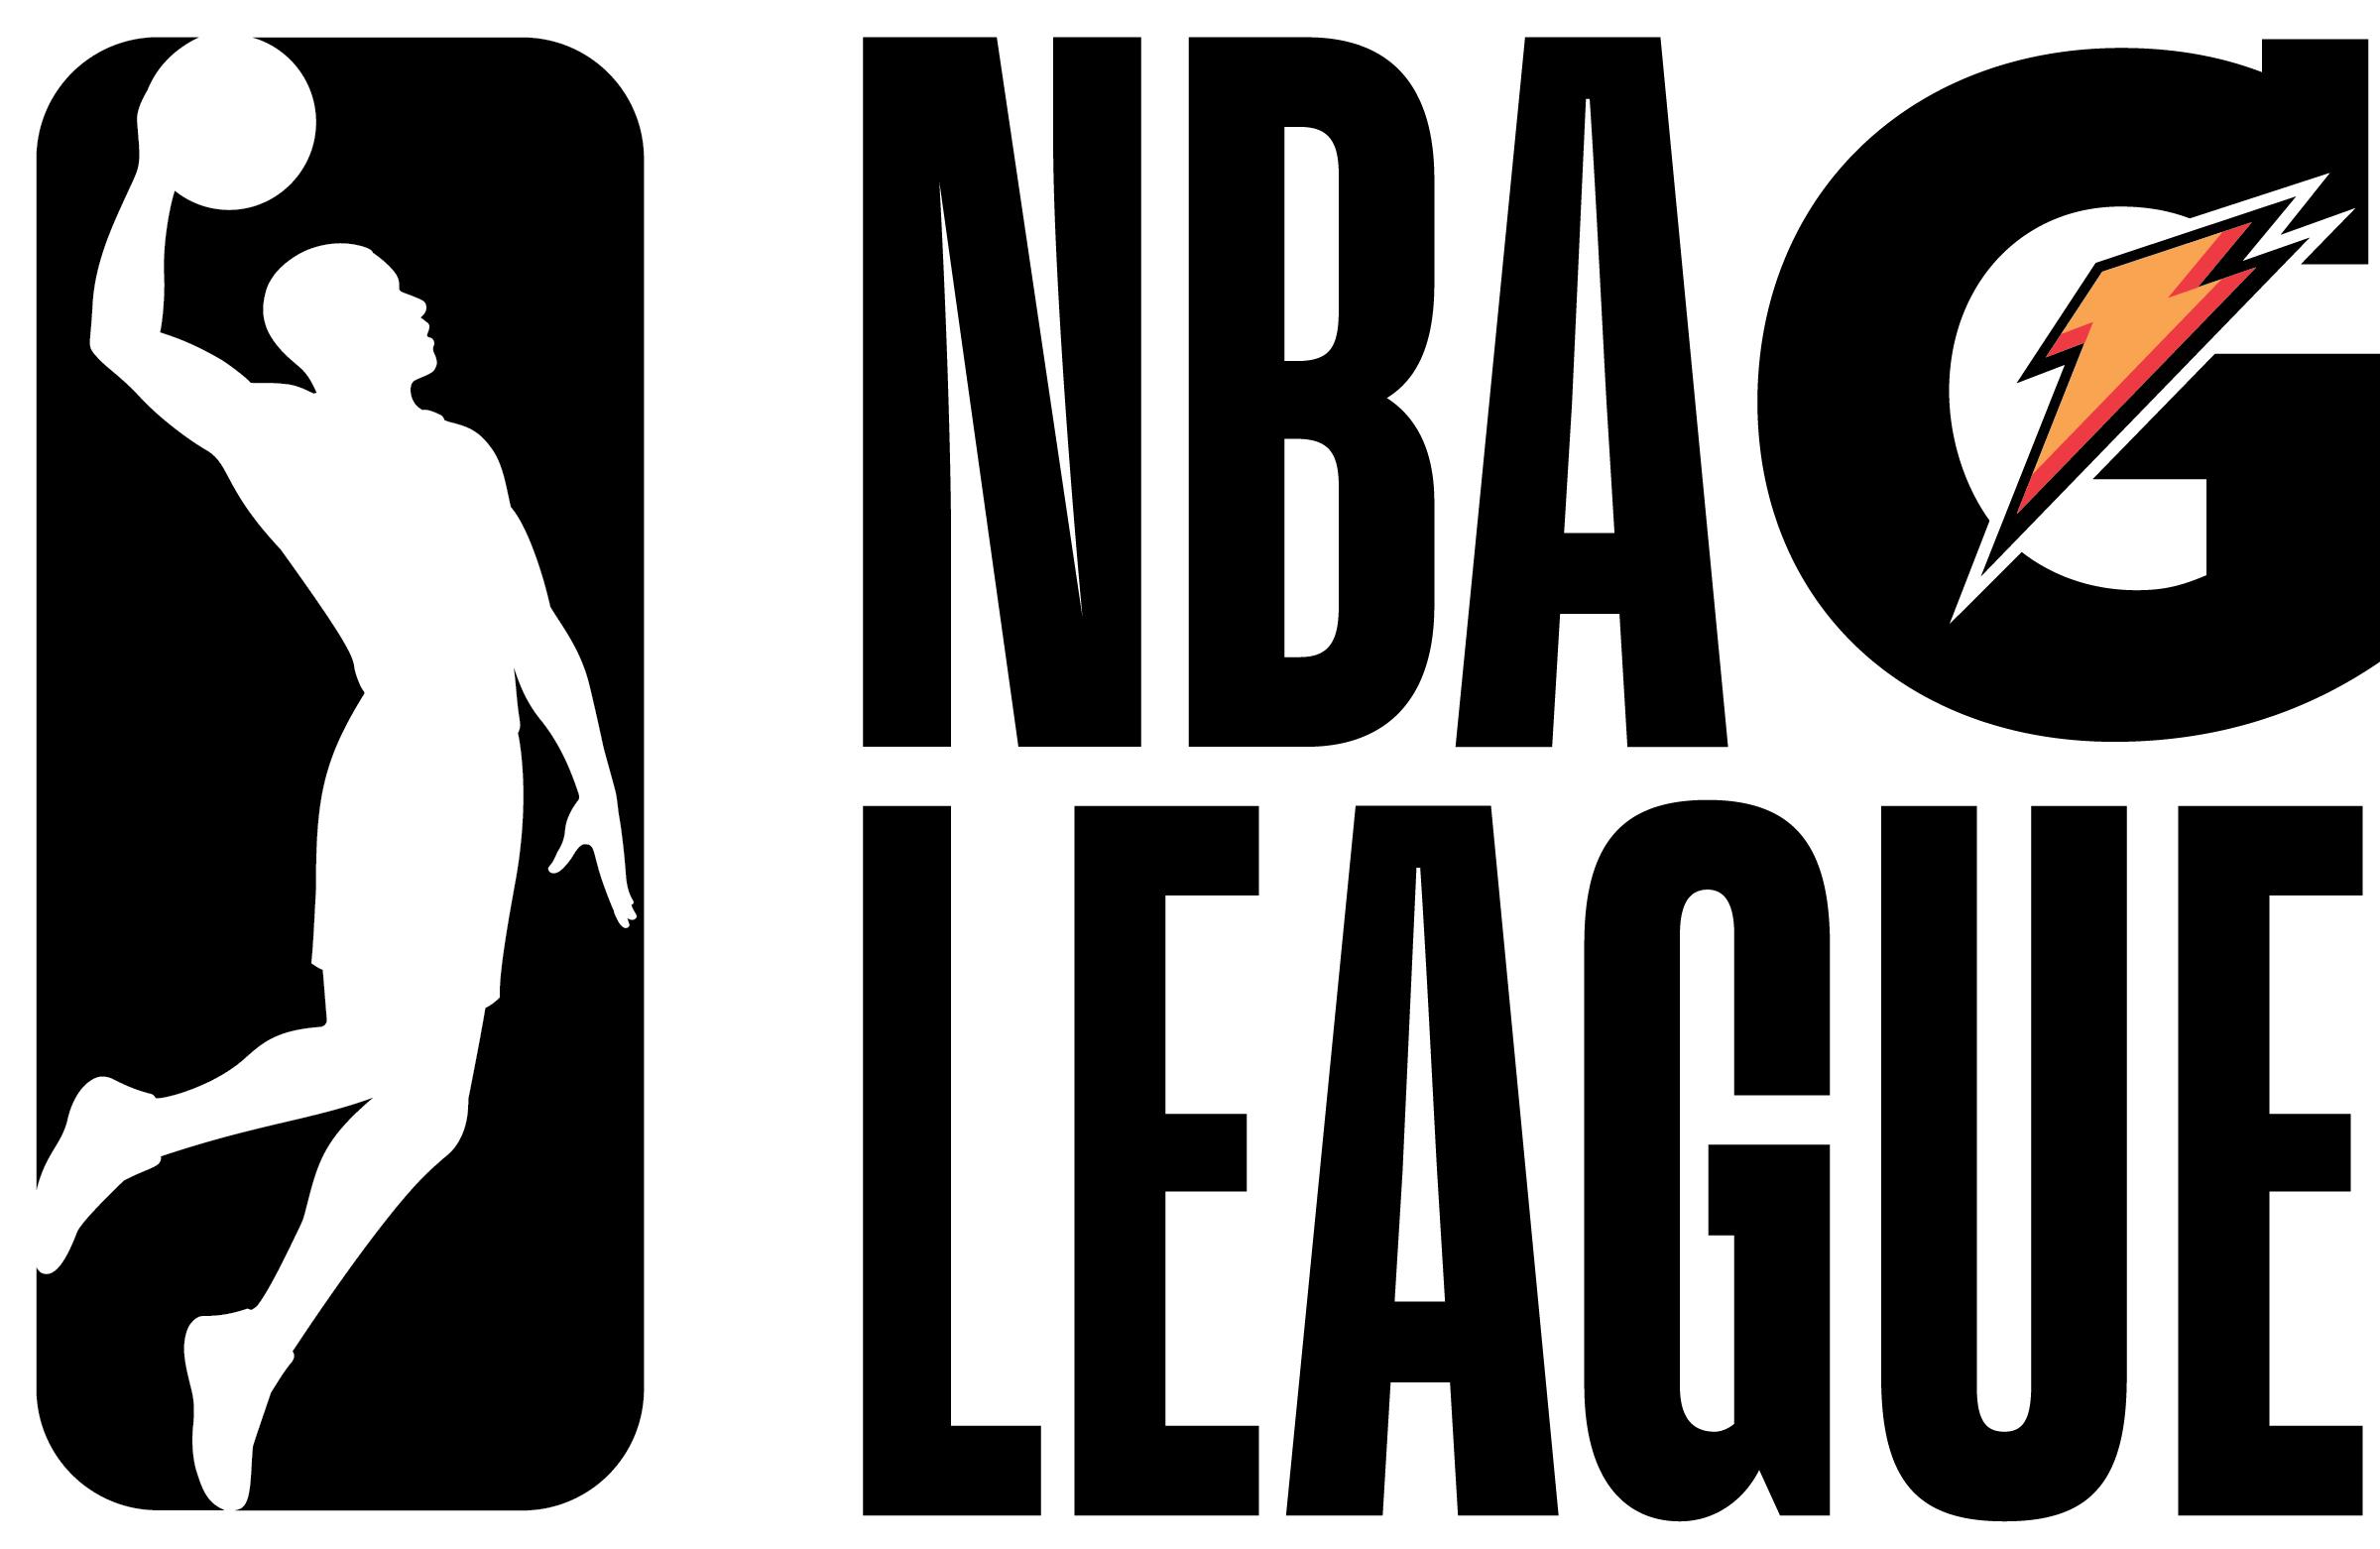 發展聯盟球員組成的美國男籃將參加美洲杯預選賽